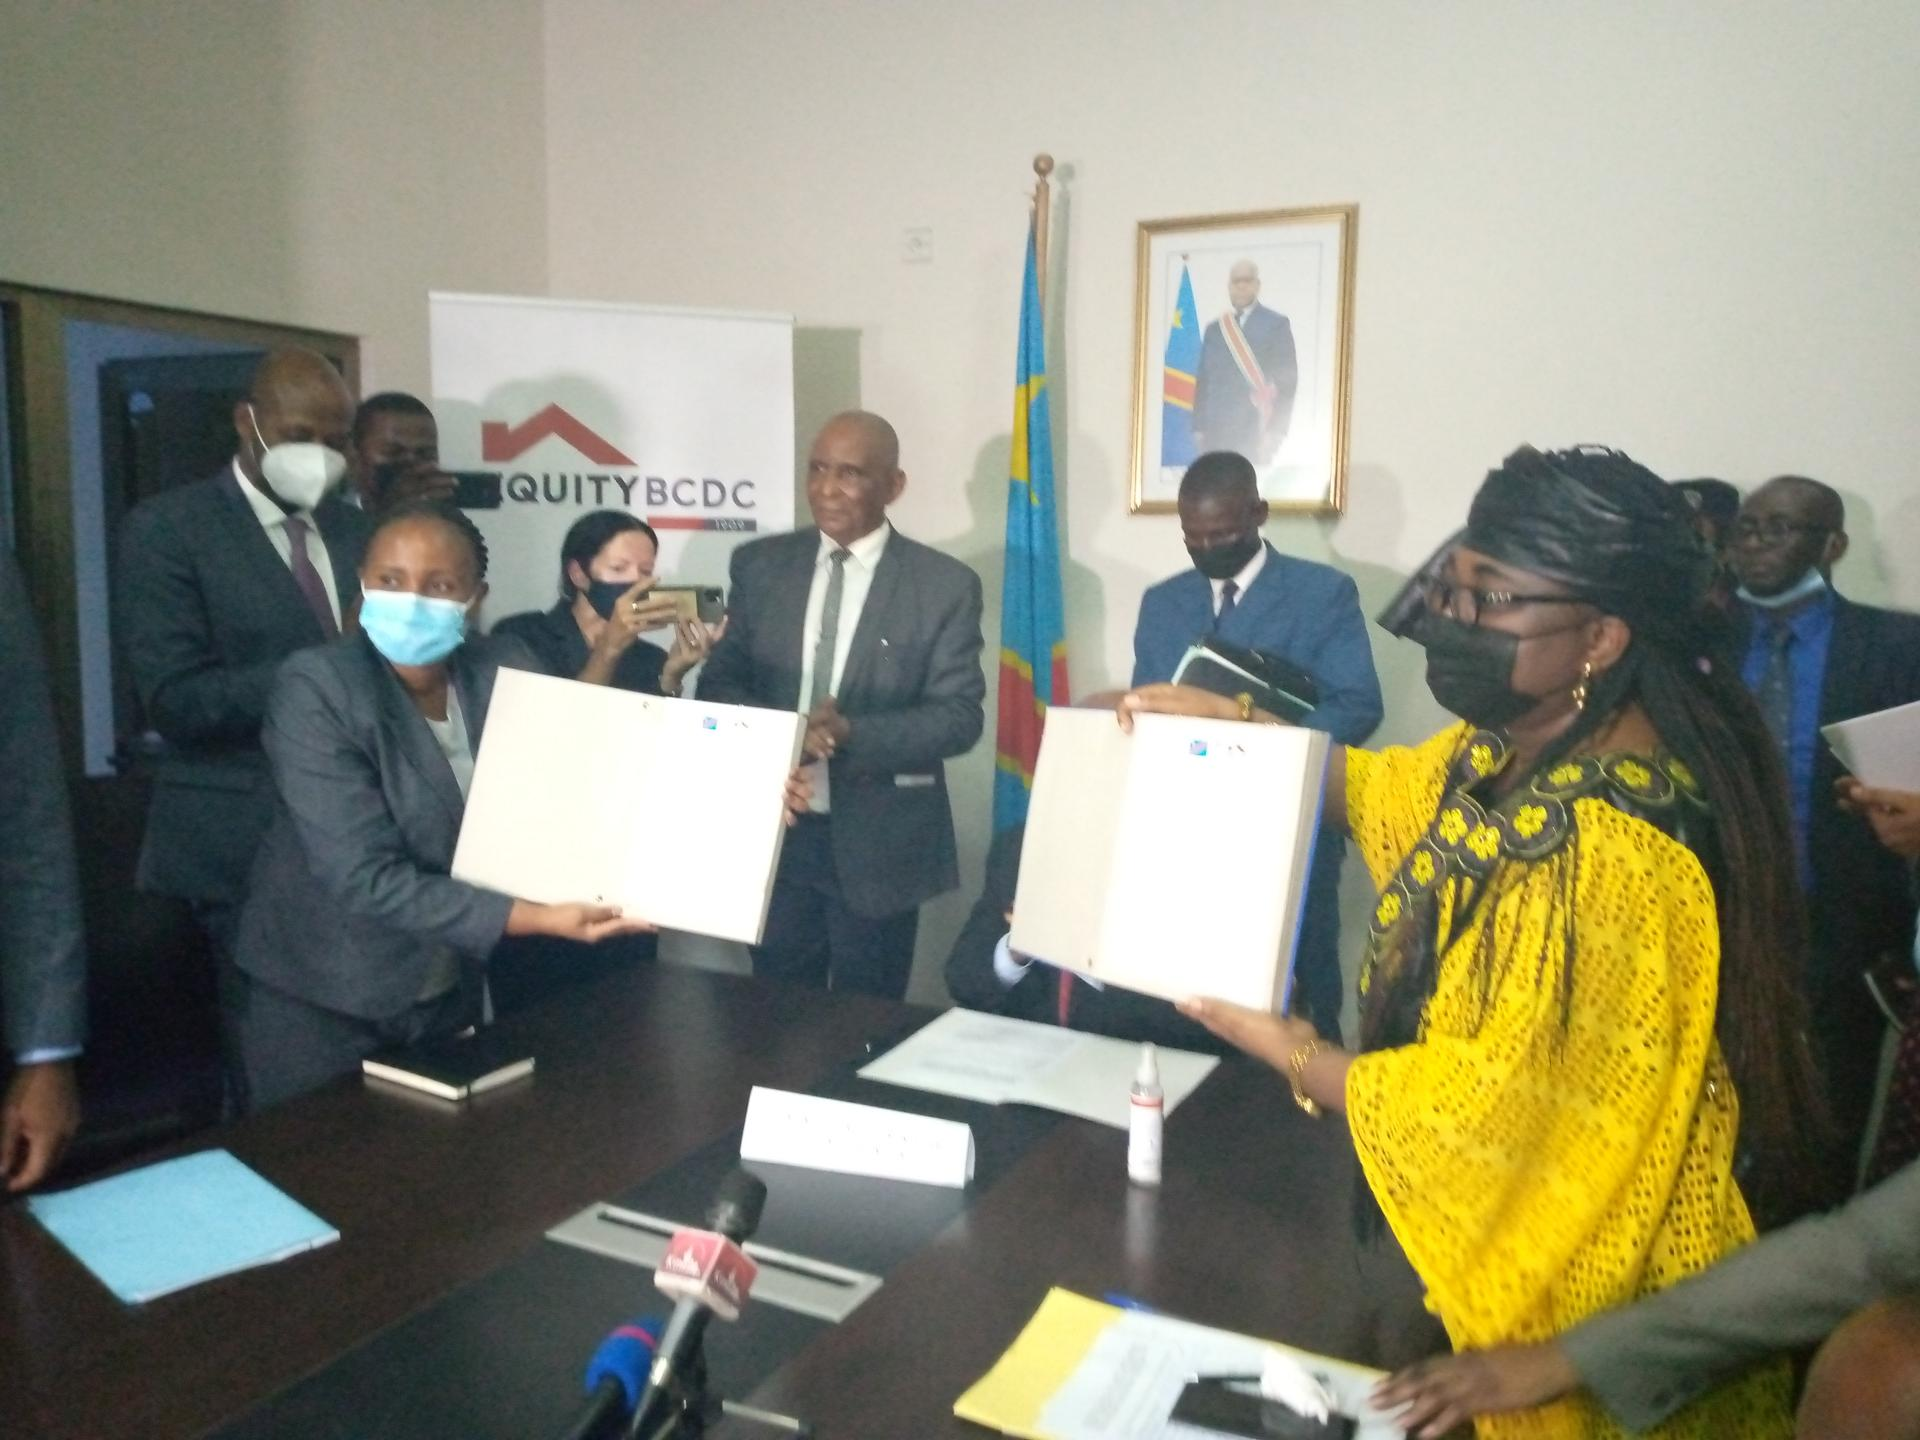 RDC: EquityBCDC et le FNPSS signent un protocole d'accord visant à mobiliser les ressources humaines, techniques et financières nécessaires au redressement socio-économique